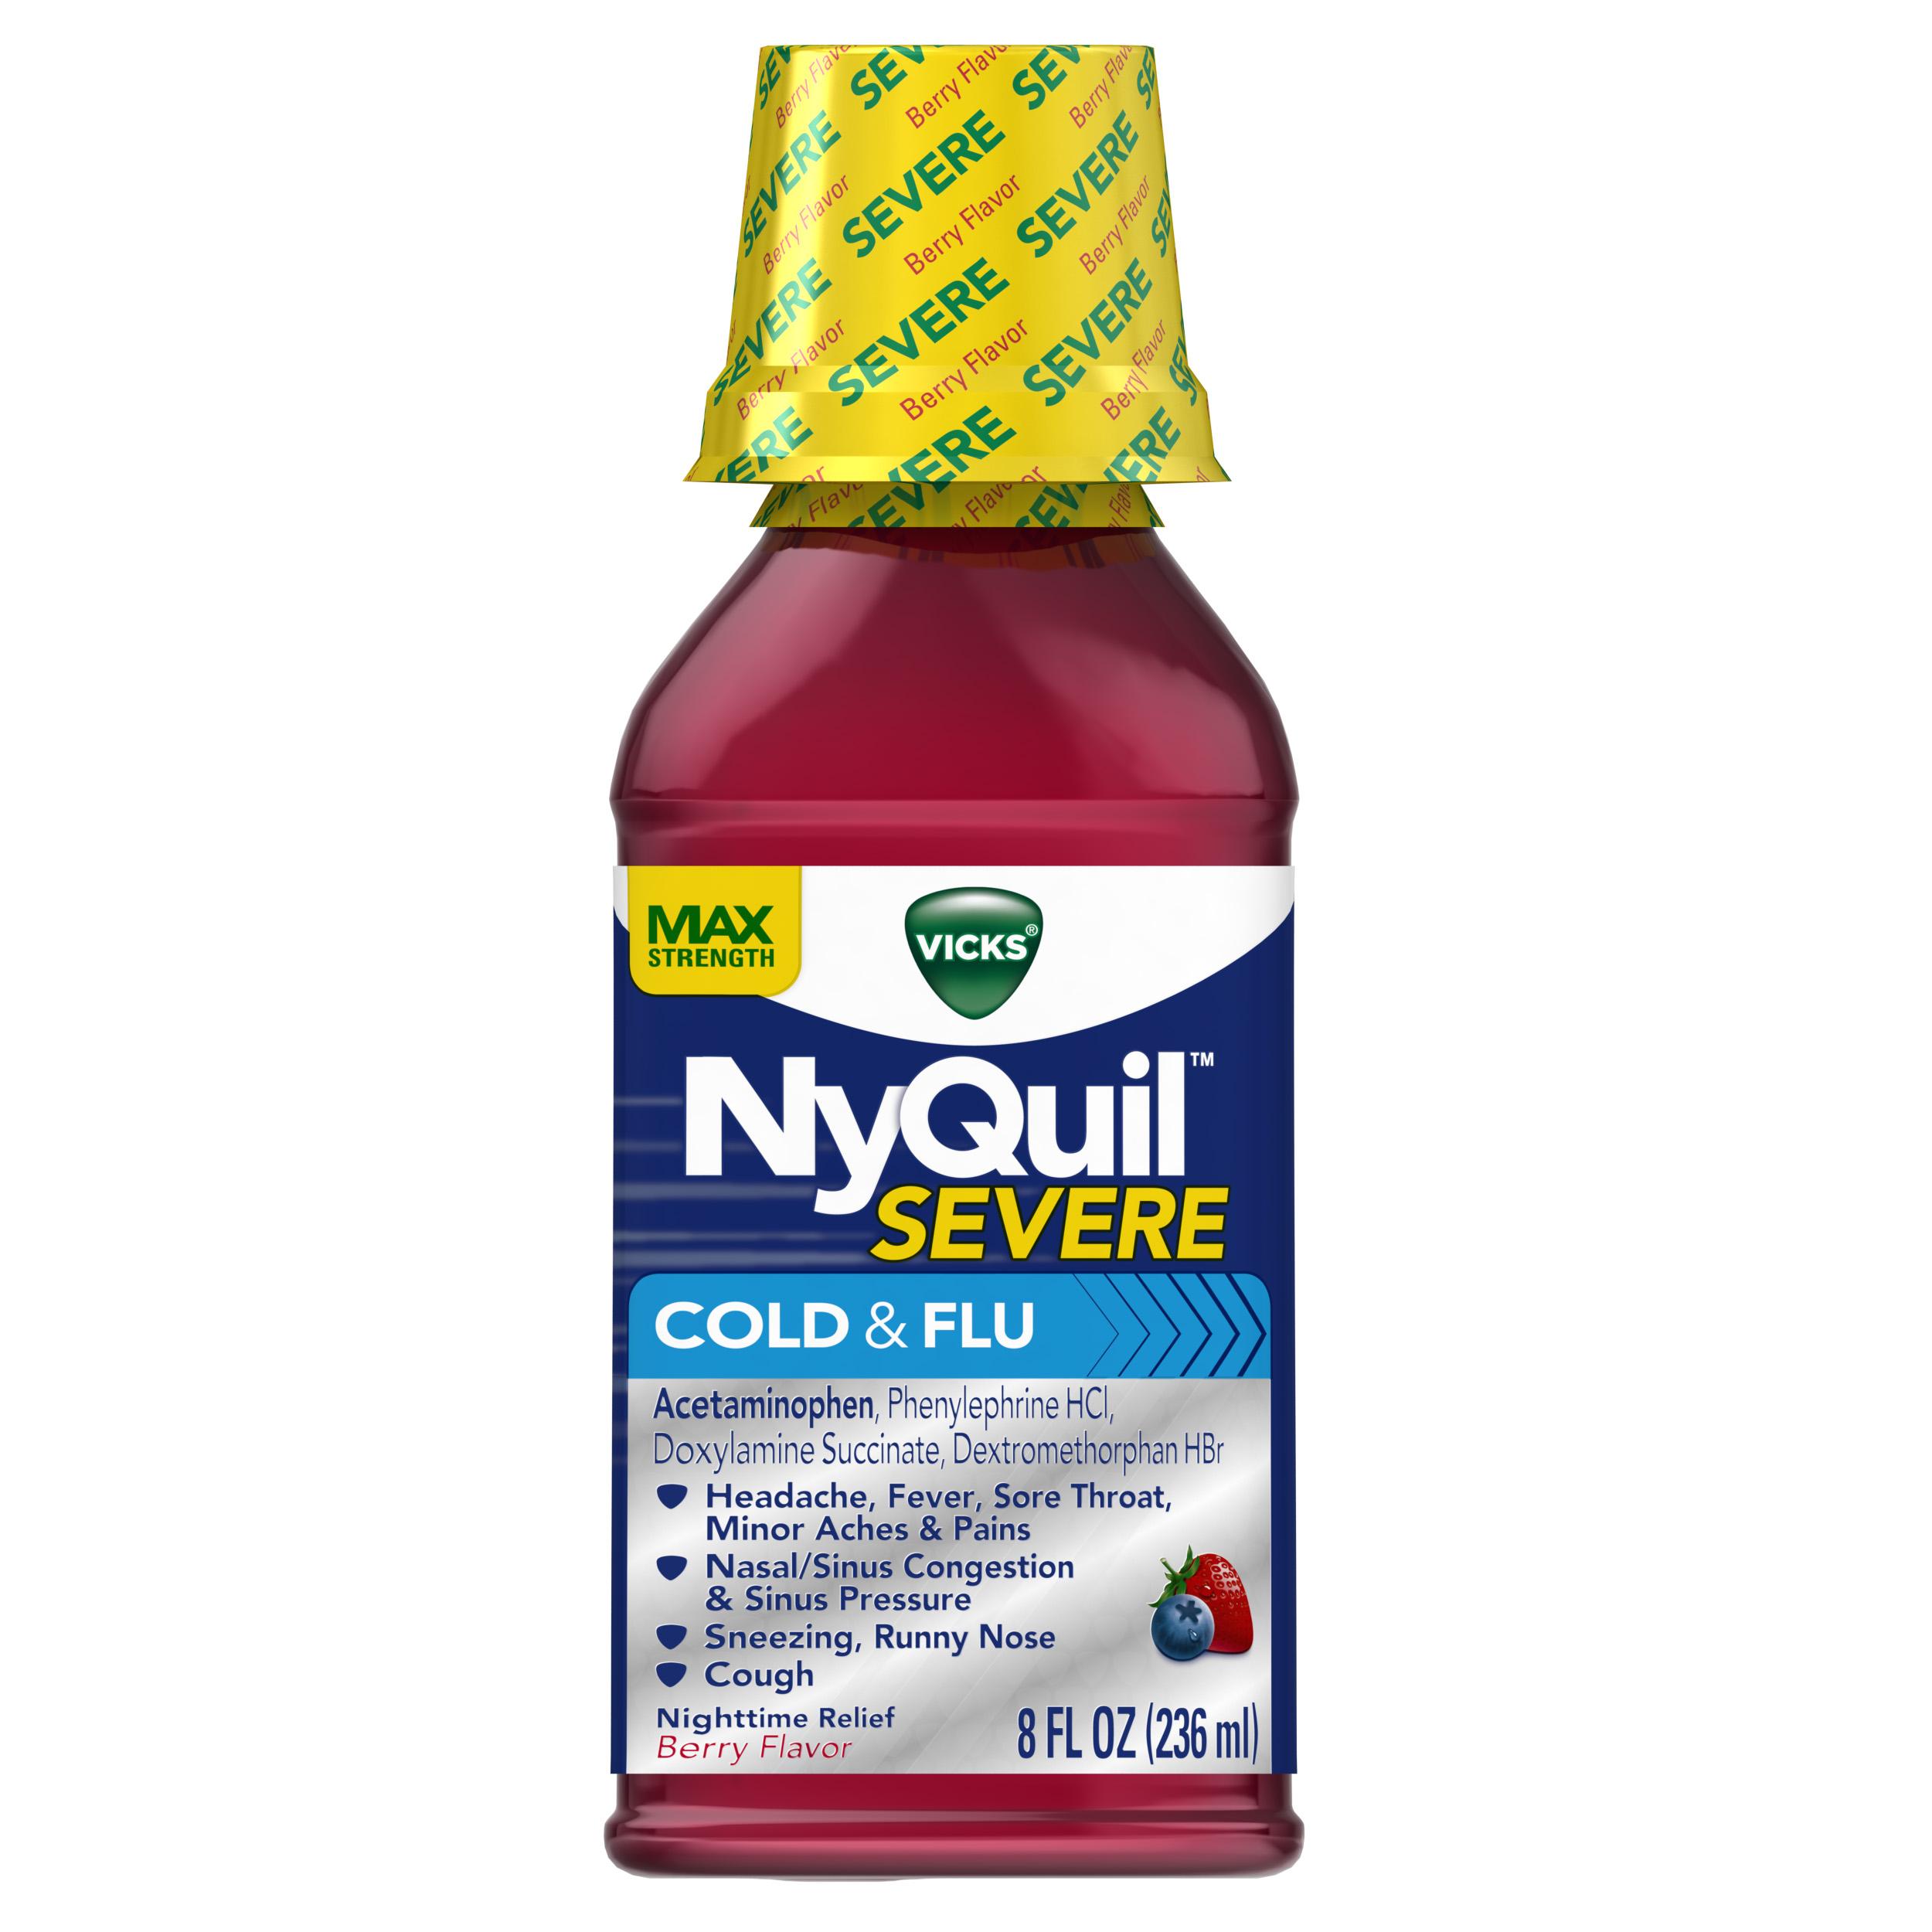 Mejor descongestionante nasal de venta libre para el resfriado